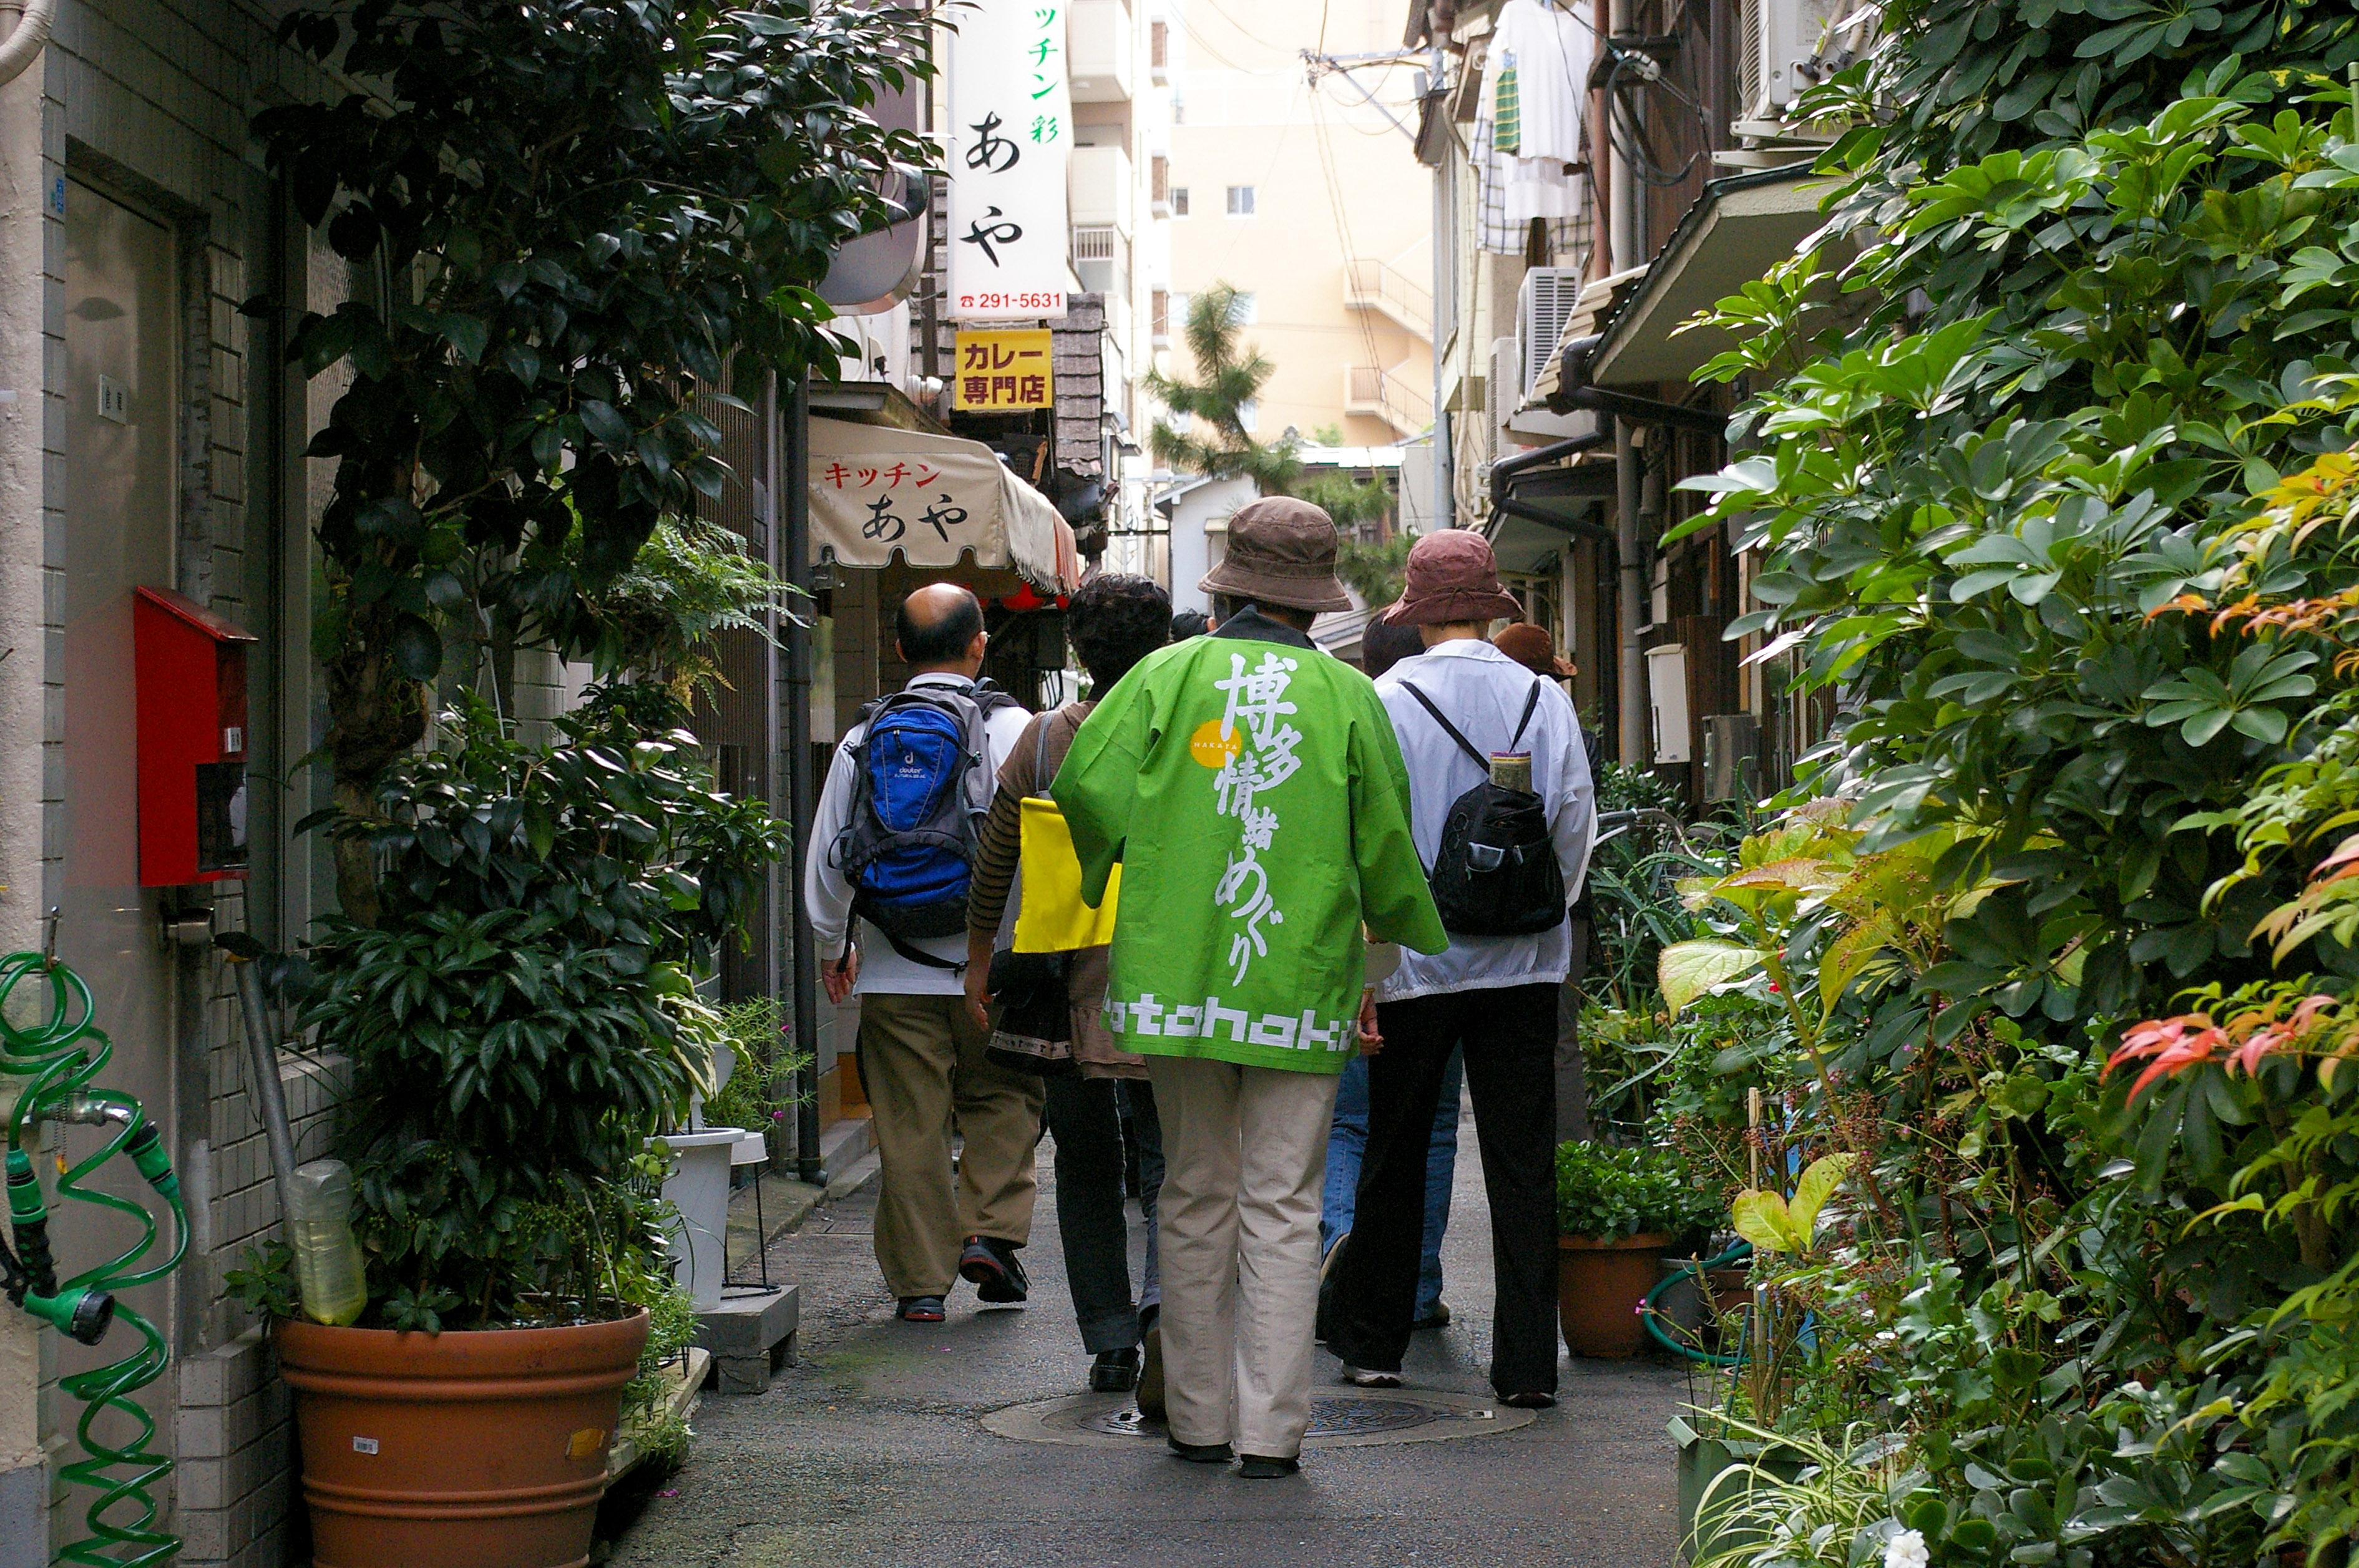 博多情緒めぐりキャンペーン(2008)の画像